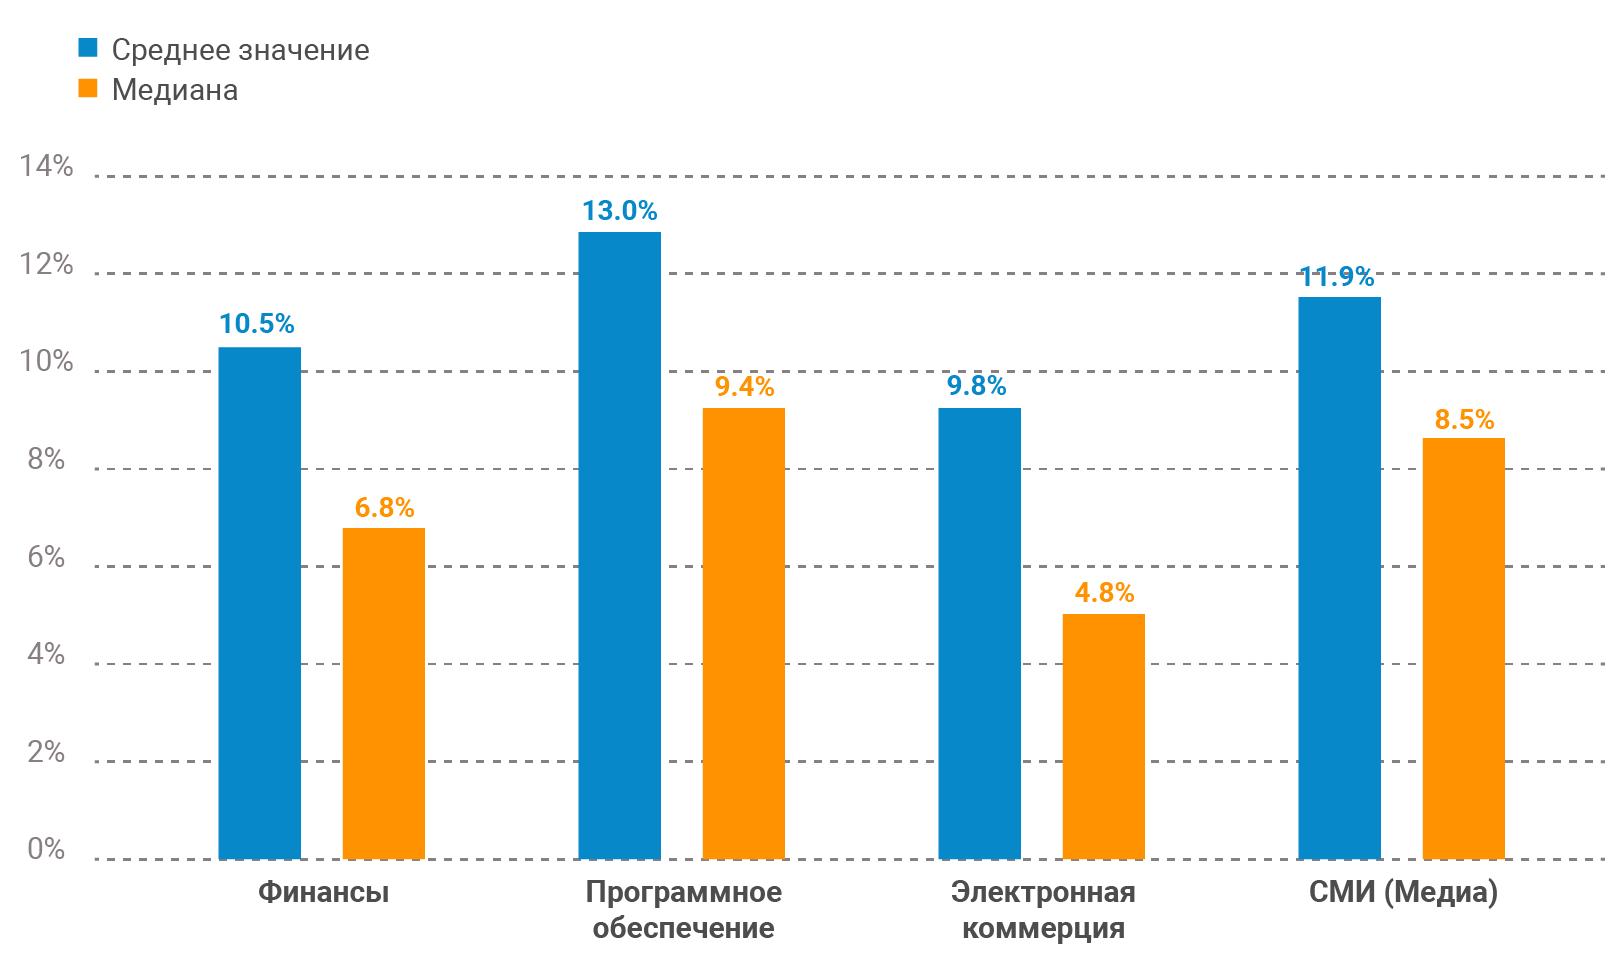 Статистика утримання клієнтів в бізнесі